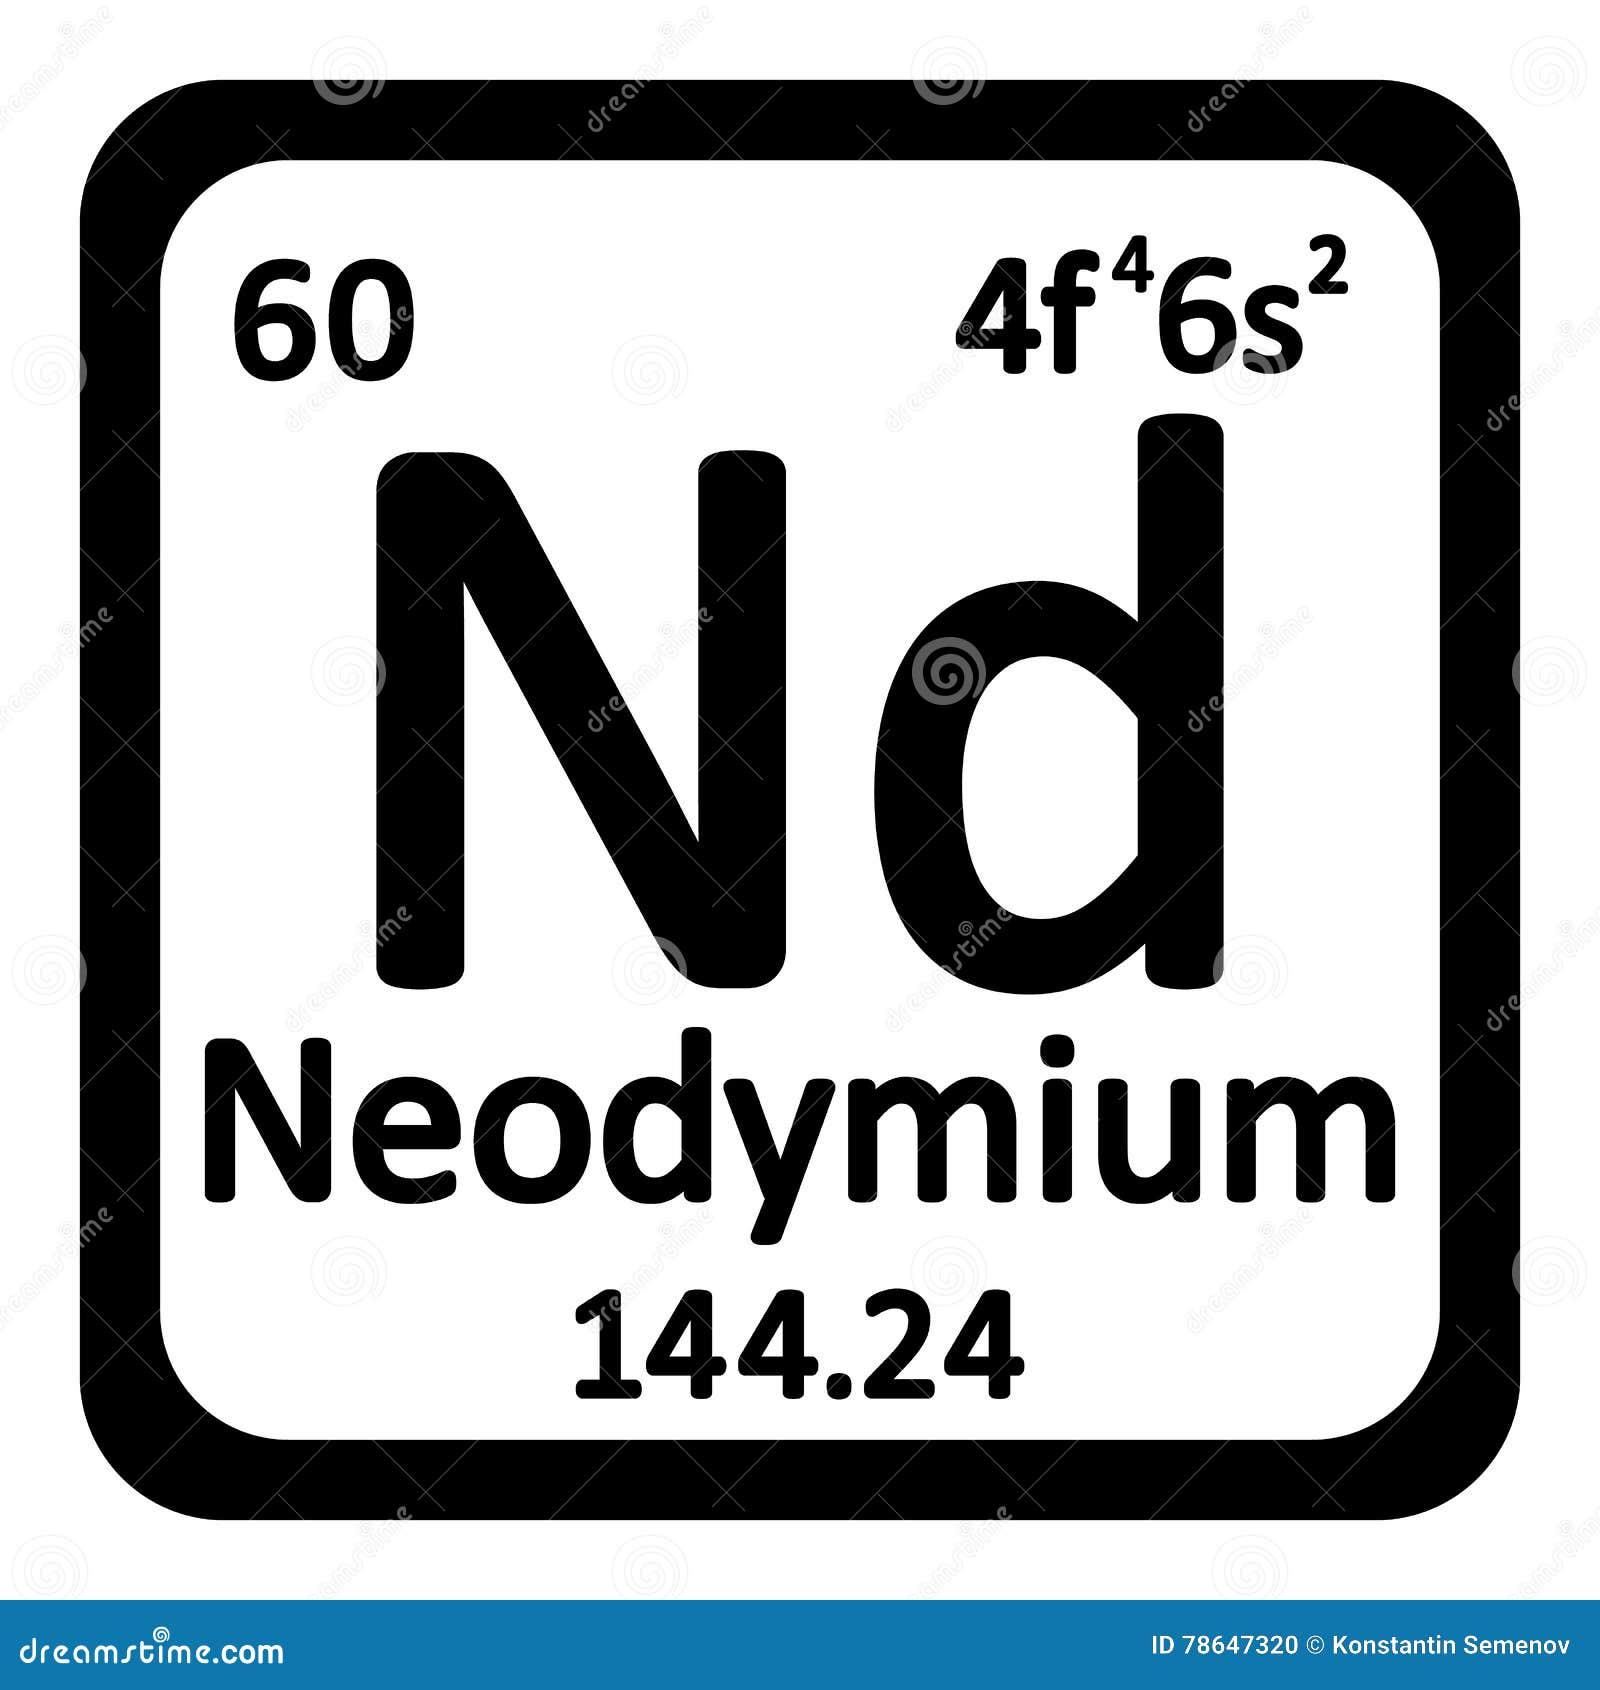 Periodic table element neodymium icon stock illustration image periodic table element neodymium icon stock photo gamestrikefo Choice Image